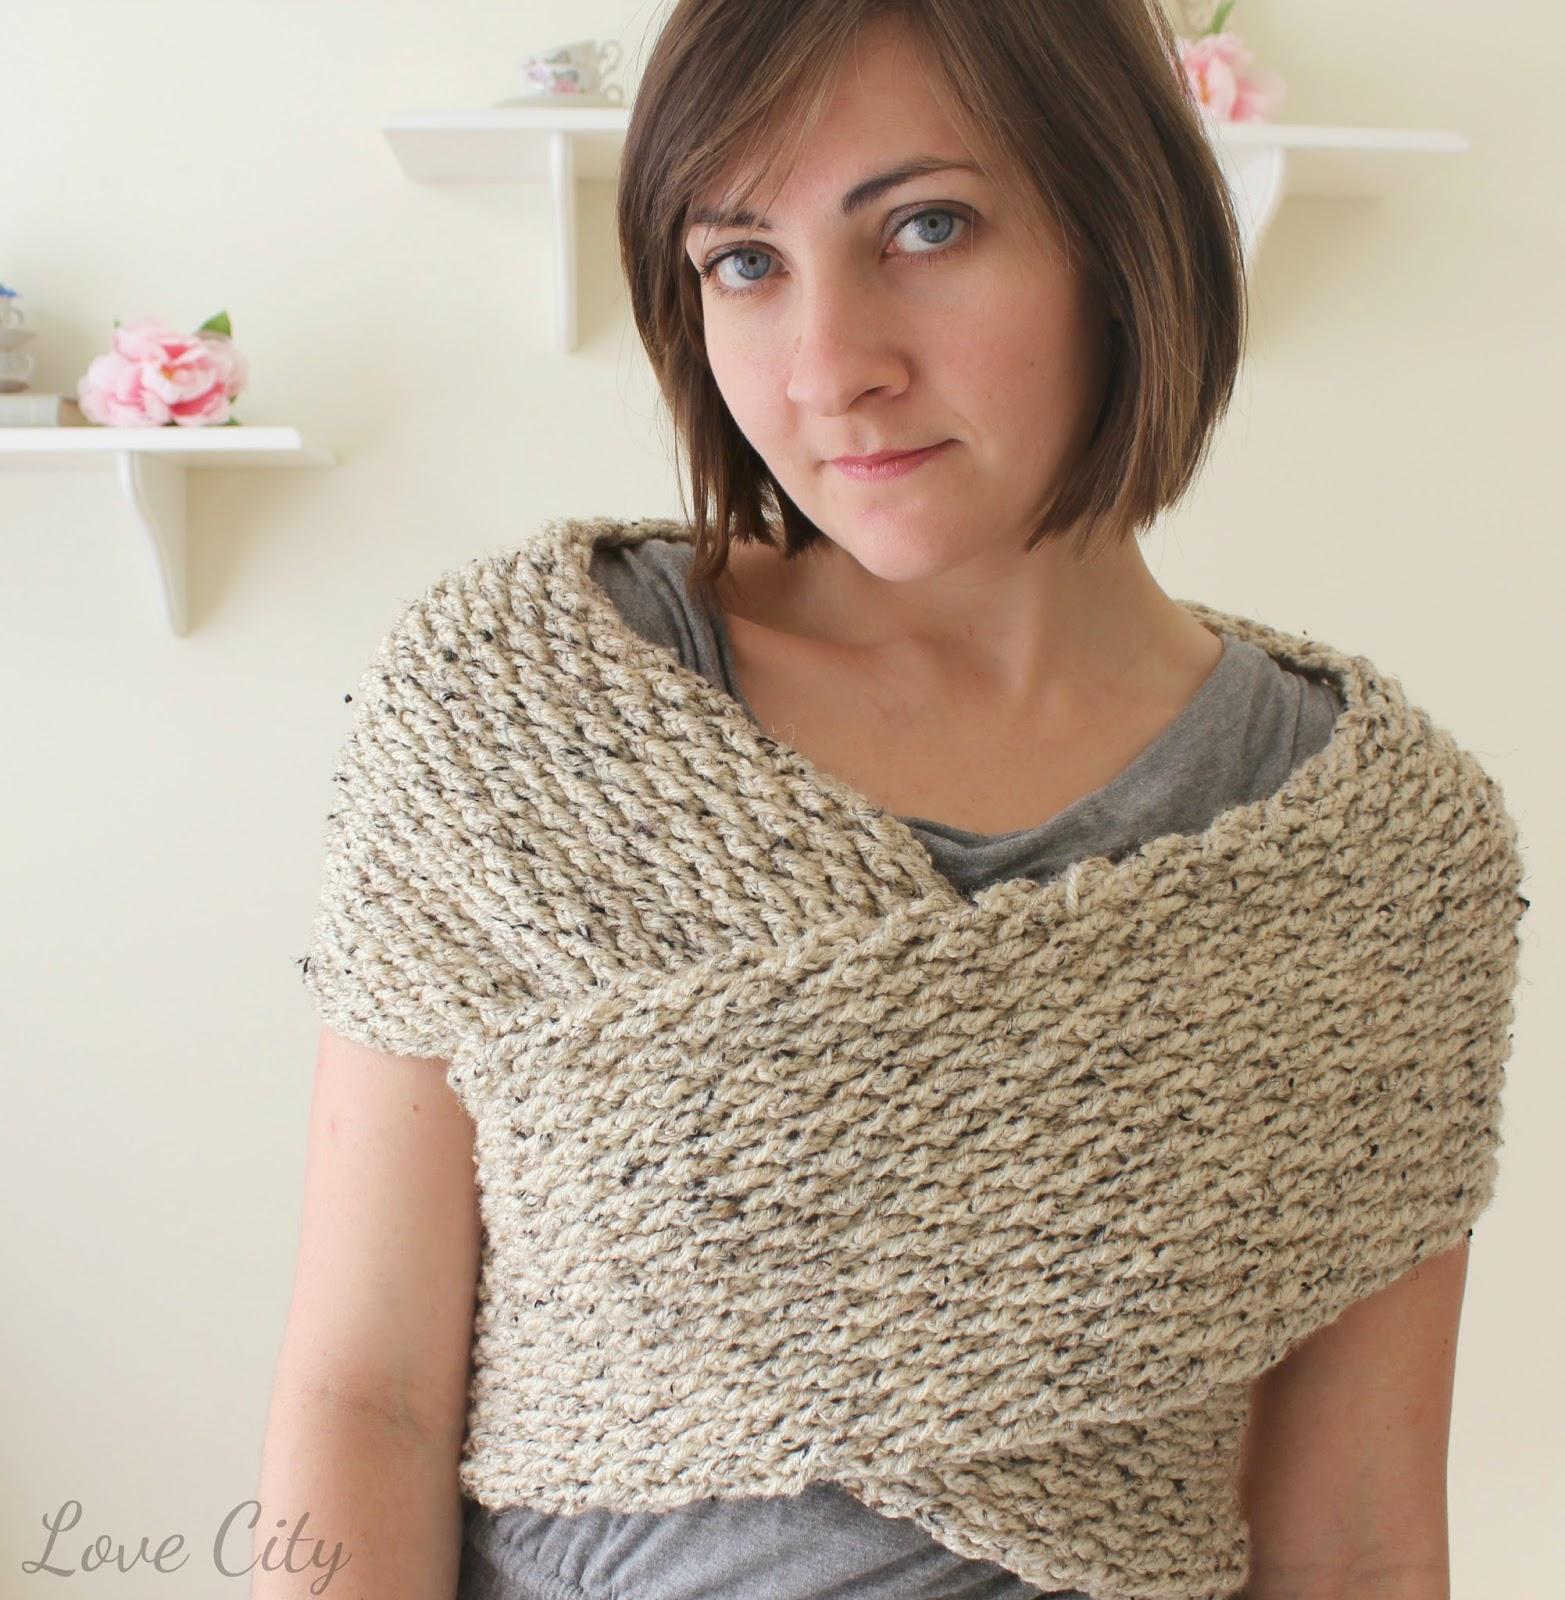 Free Crochet Pattern Wrap Sweater : Love City: crochet love {wrap sweater}